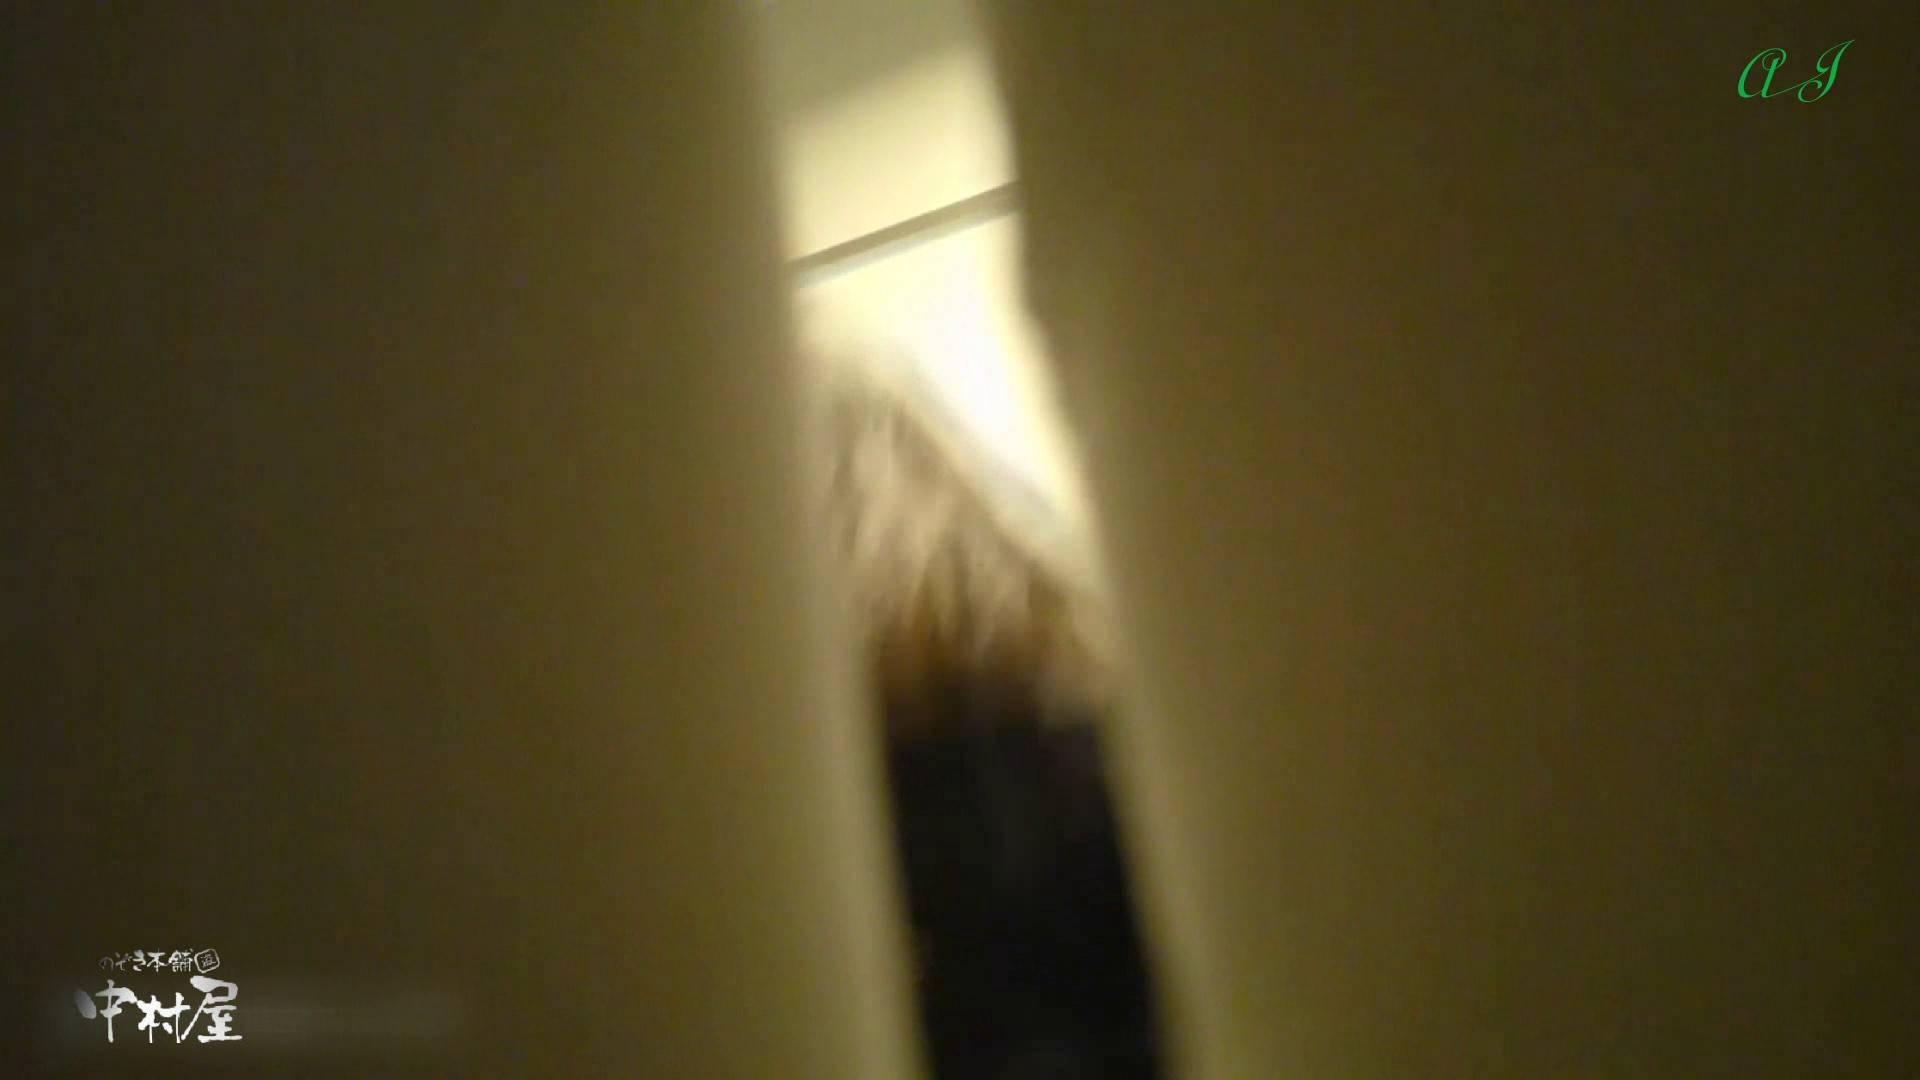 有名大学女性洗面所 vol.82 後編 洗面所 | 盗撮特集  103画像 6